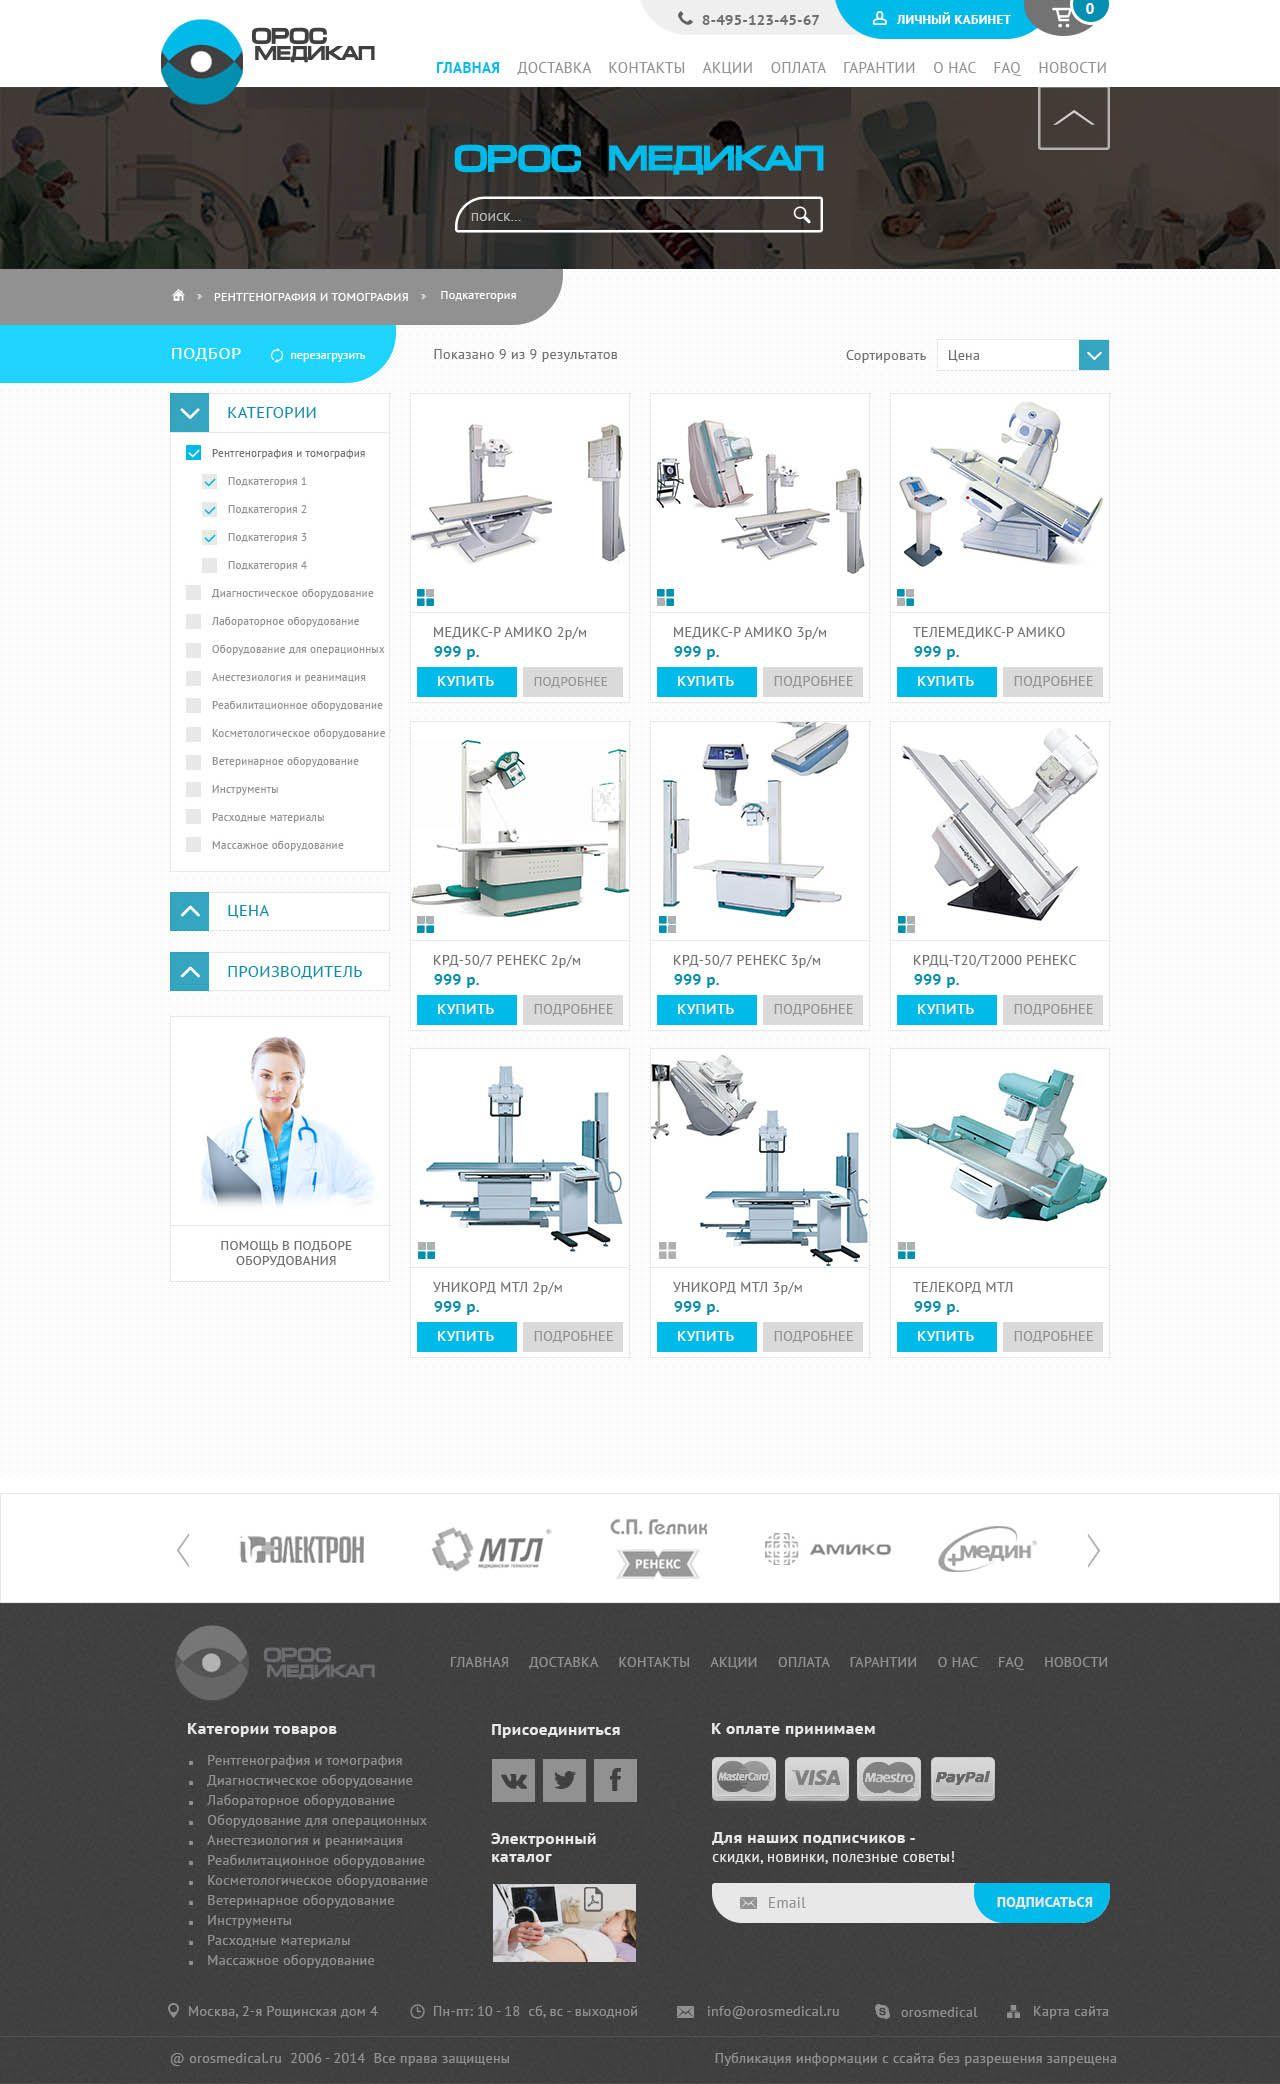 Редизайн сайта мед. оборудования - дизайнер helena17771